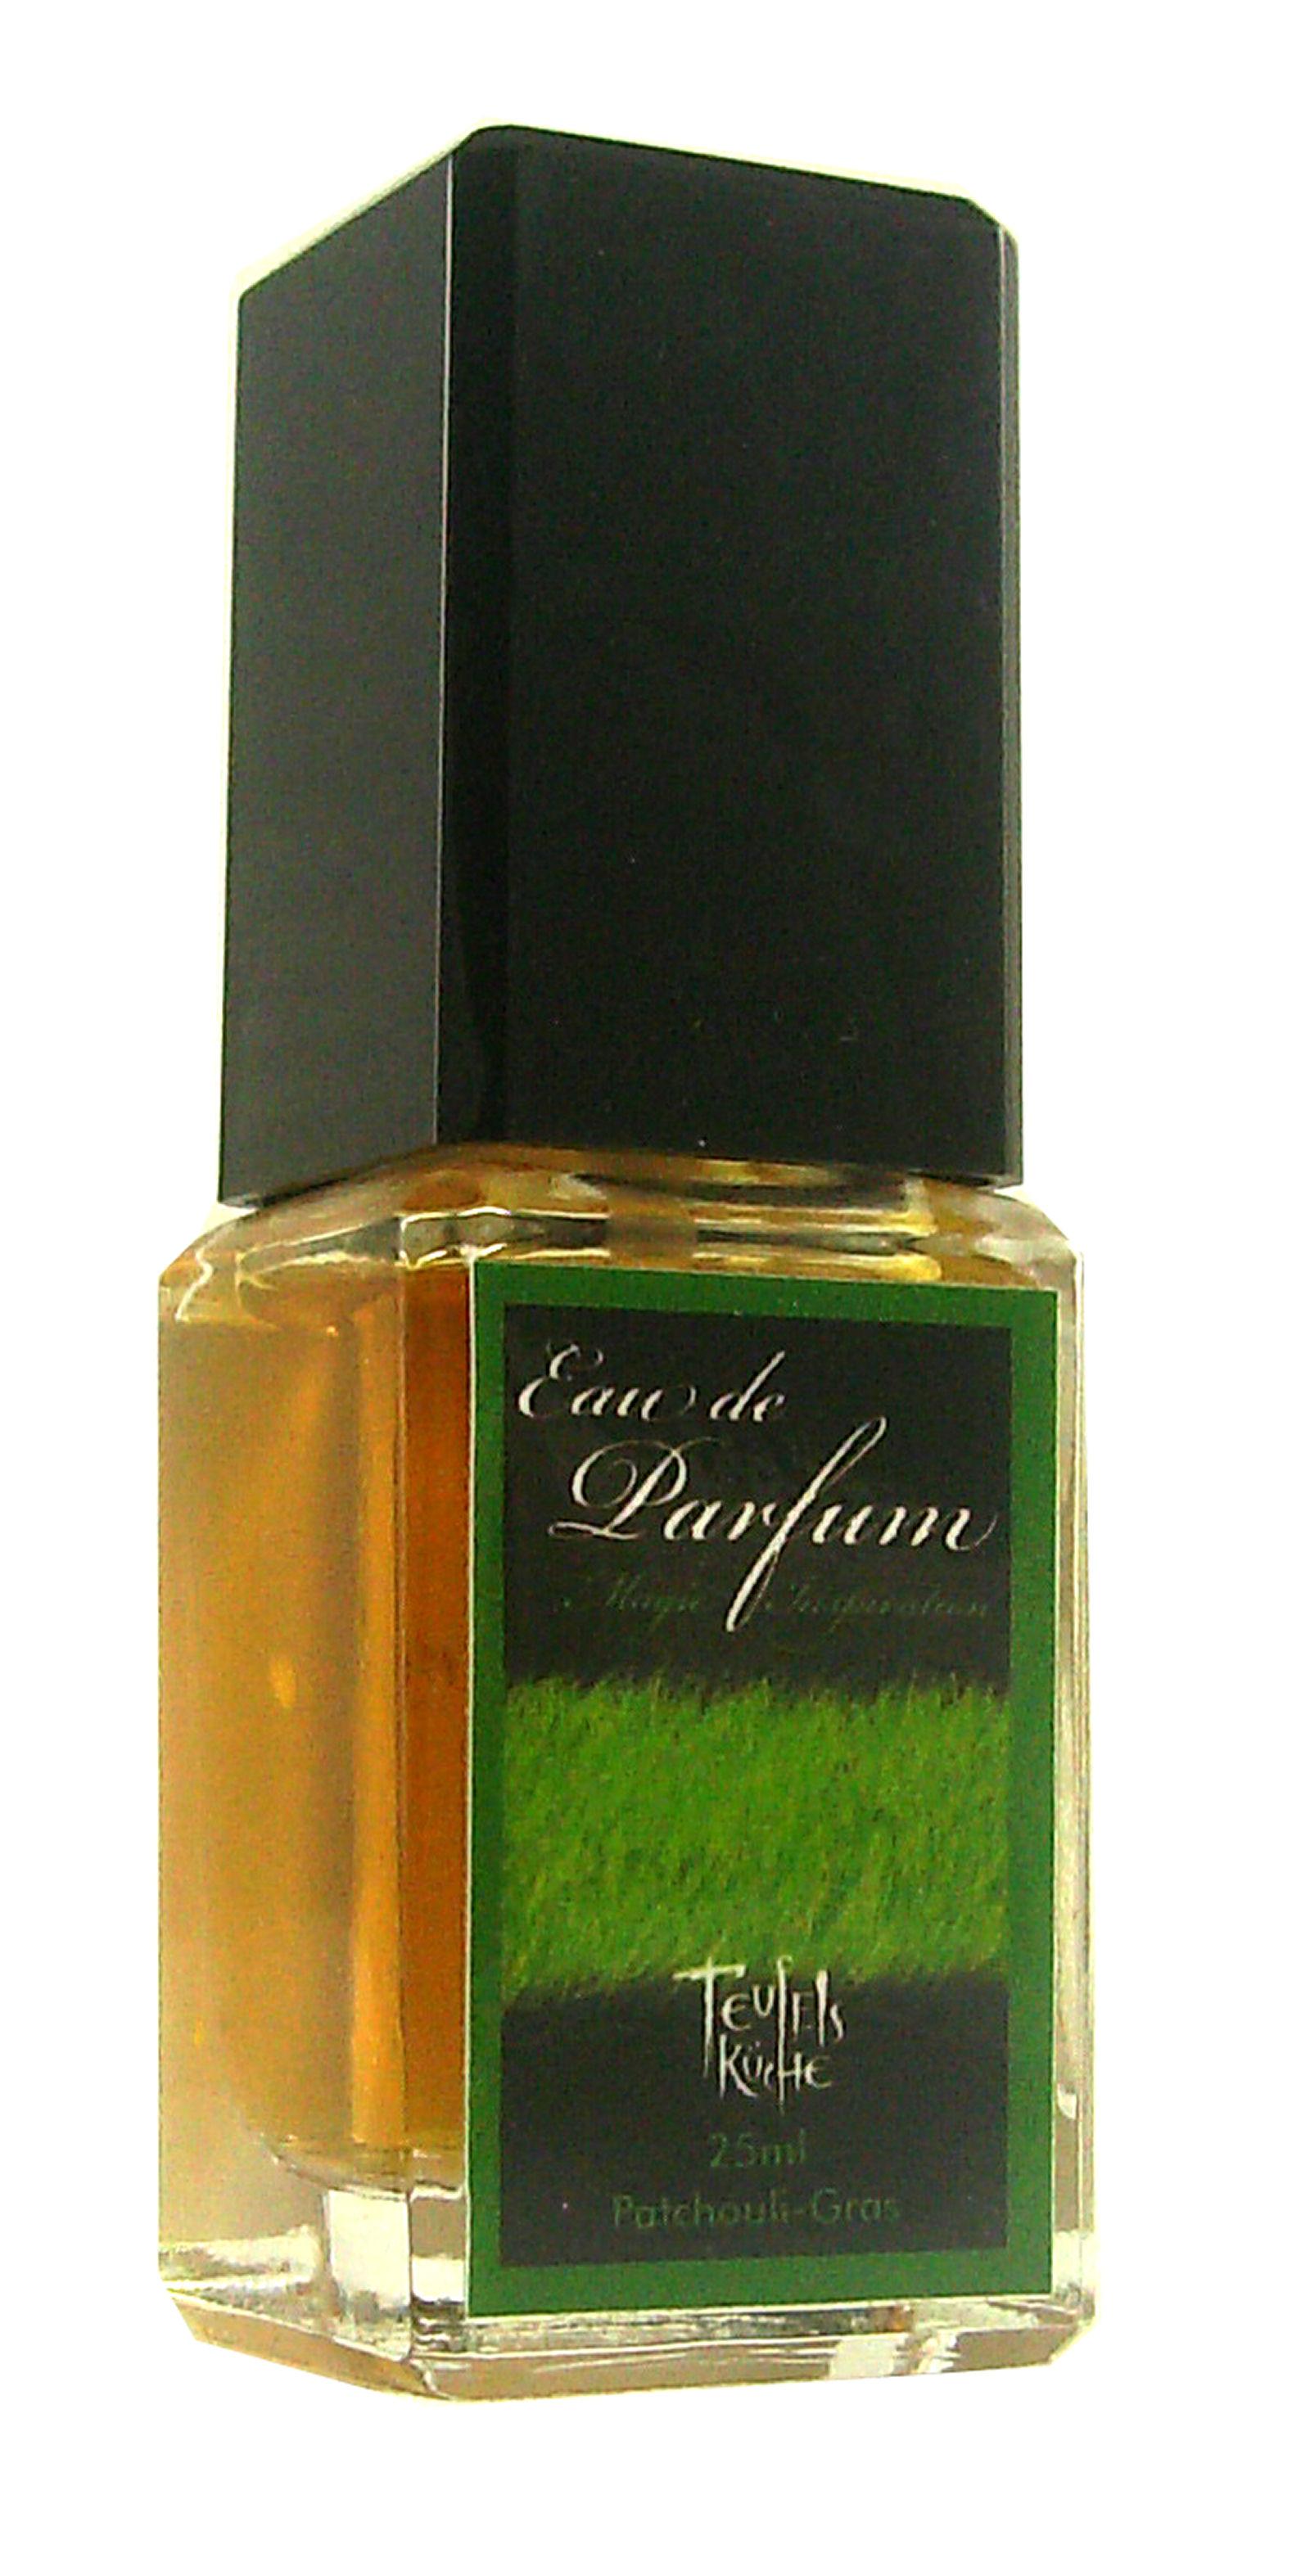 Patchouli Magic Inspiration, Eau de Parfüm 25 ml